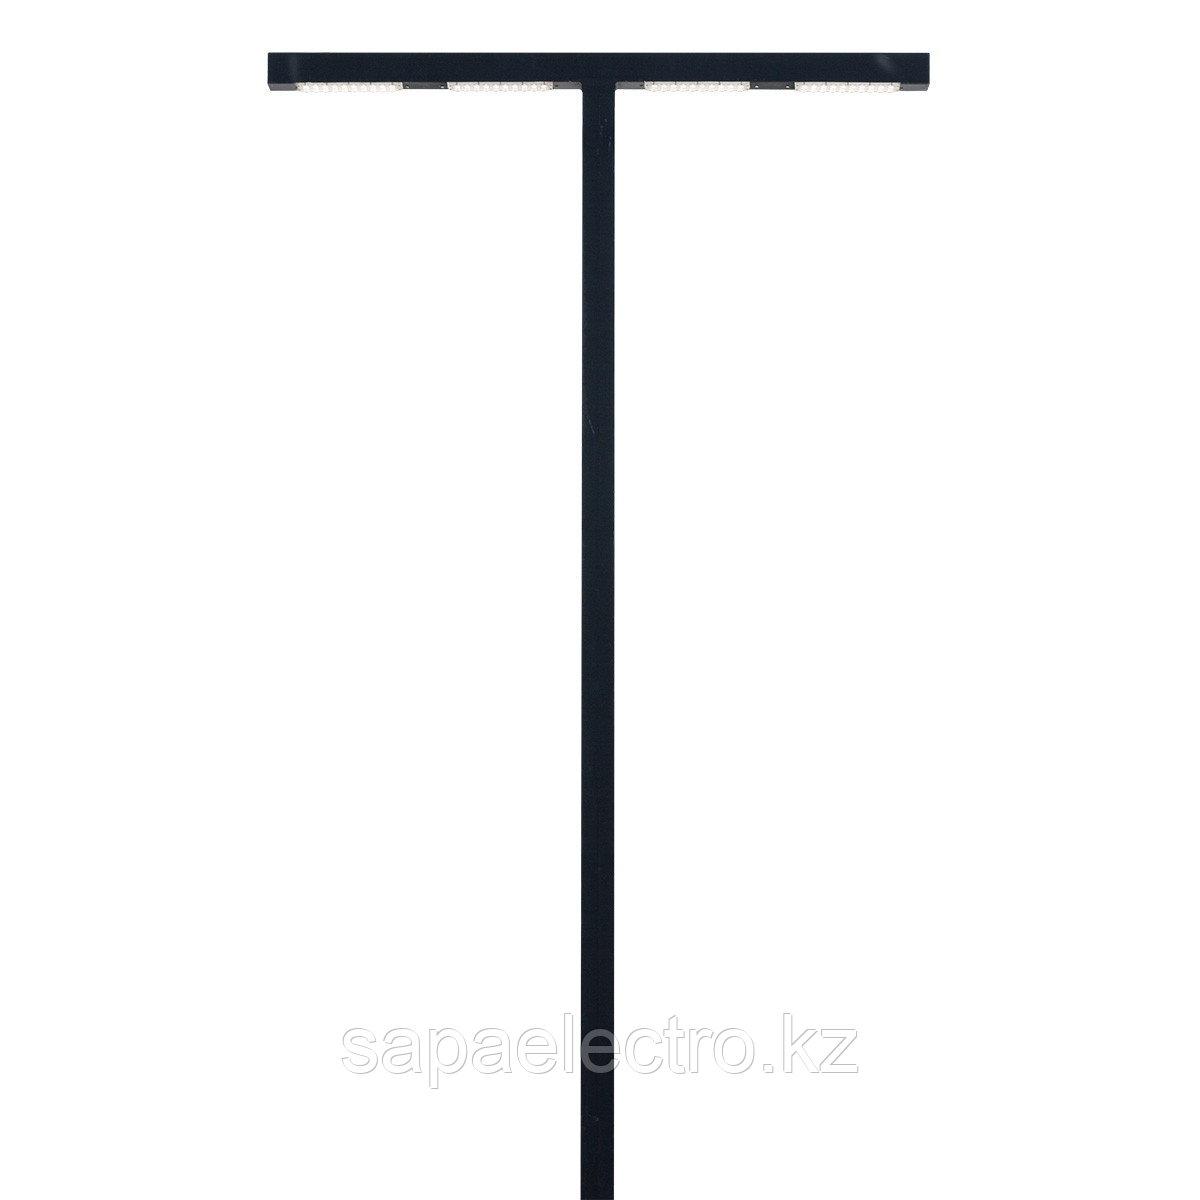 Св-к Профильный LED T-образный 120W 80х80 BLACK H-4